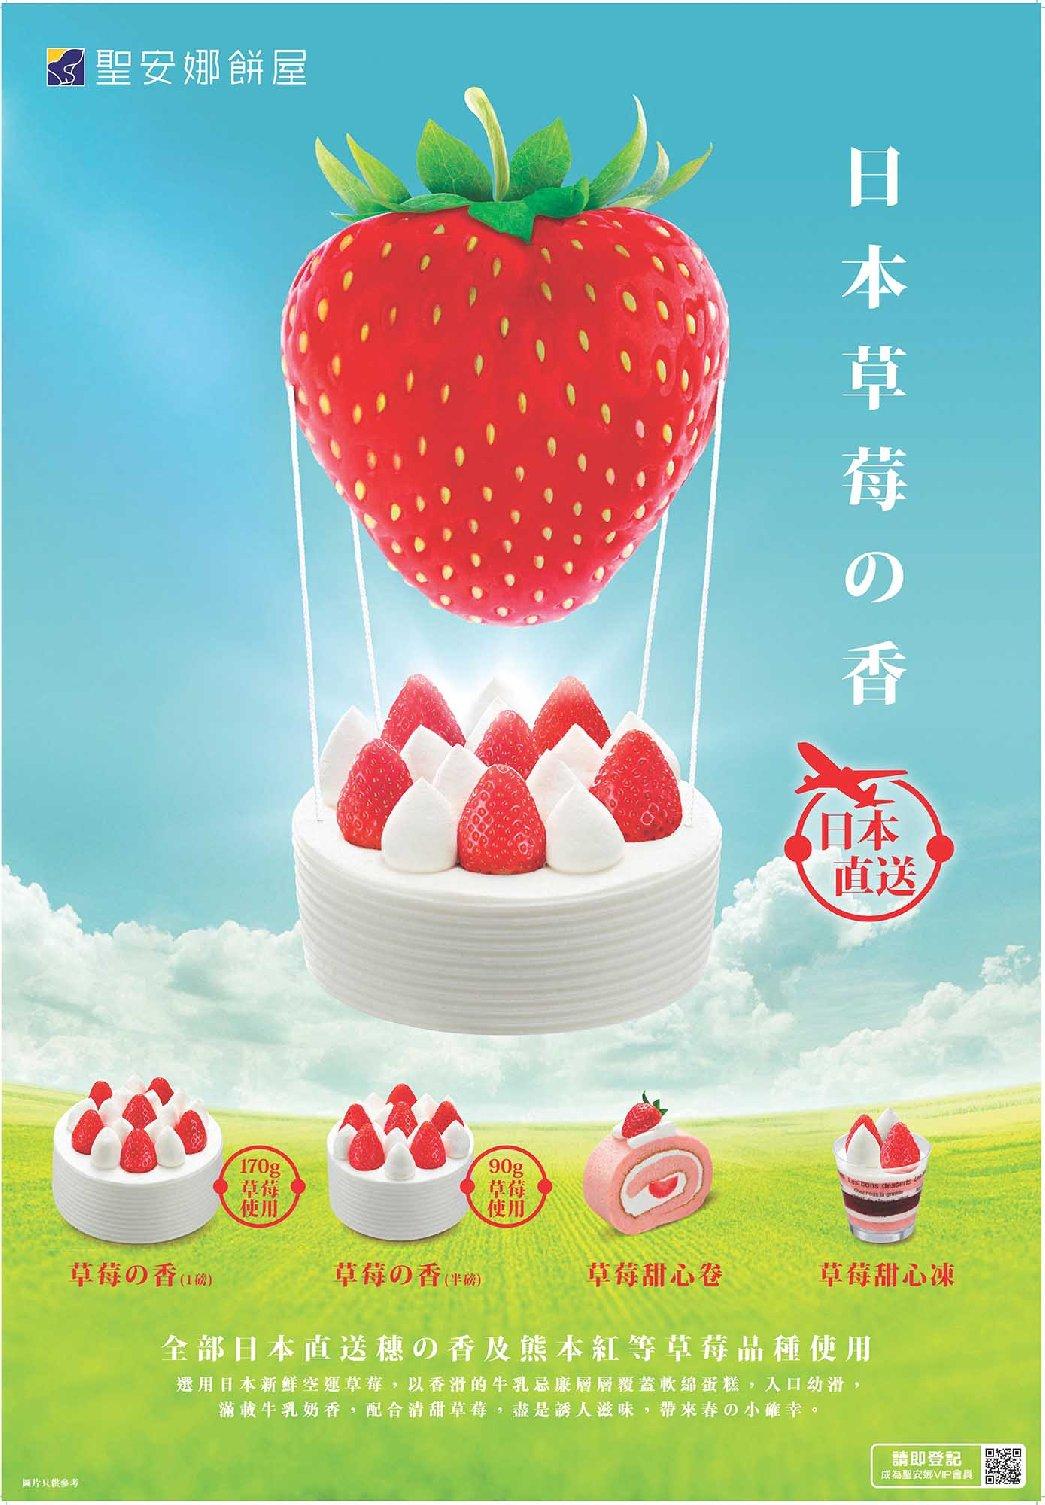 日本直送士多啤梨配經典造型  聖安娜「草莓の香」系列